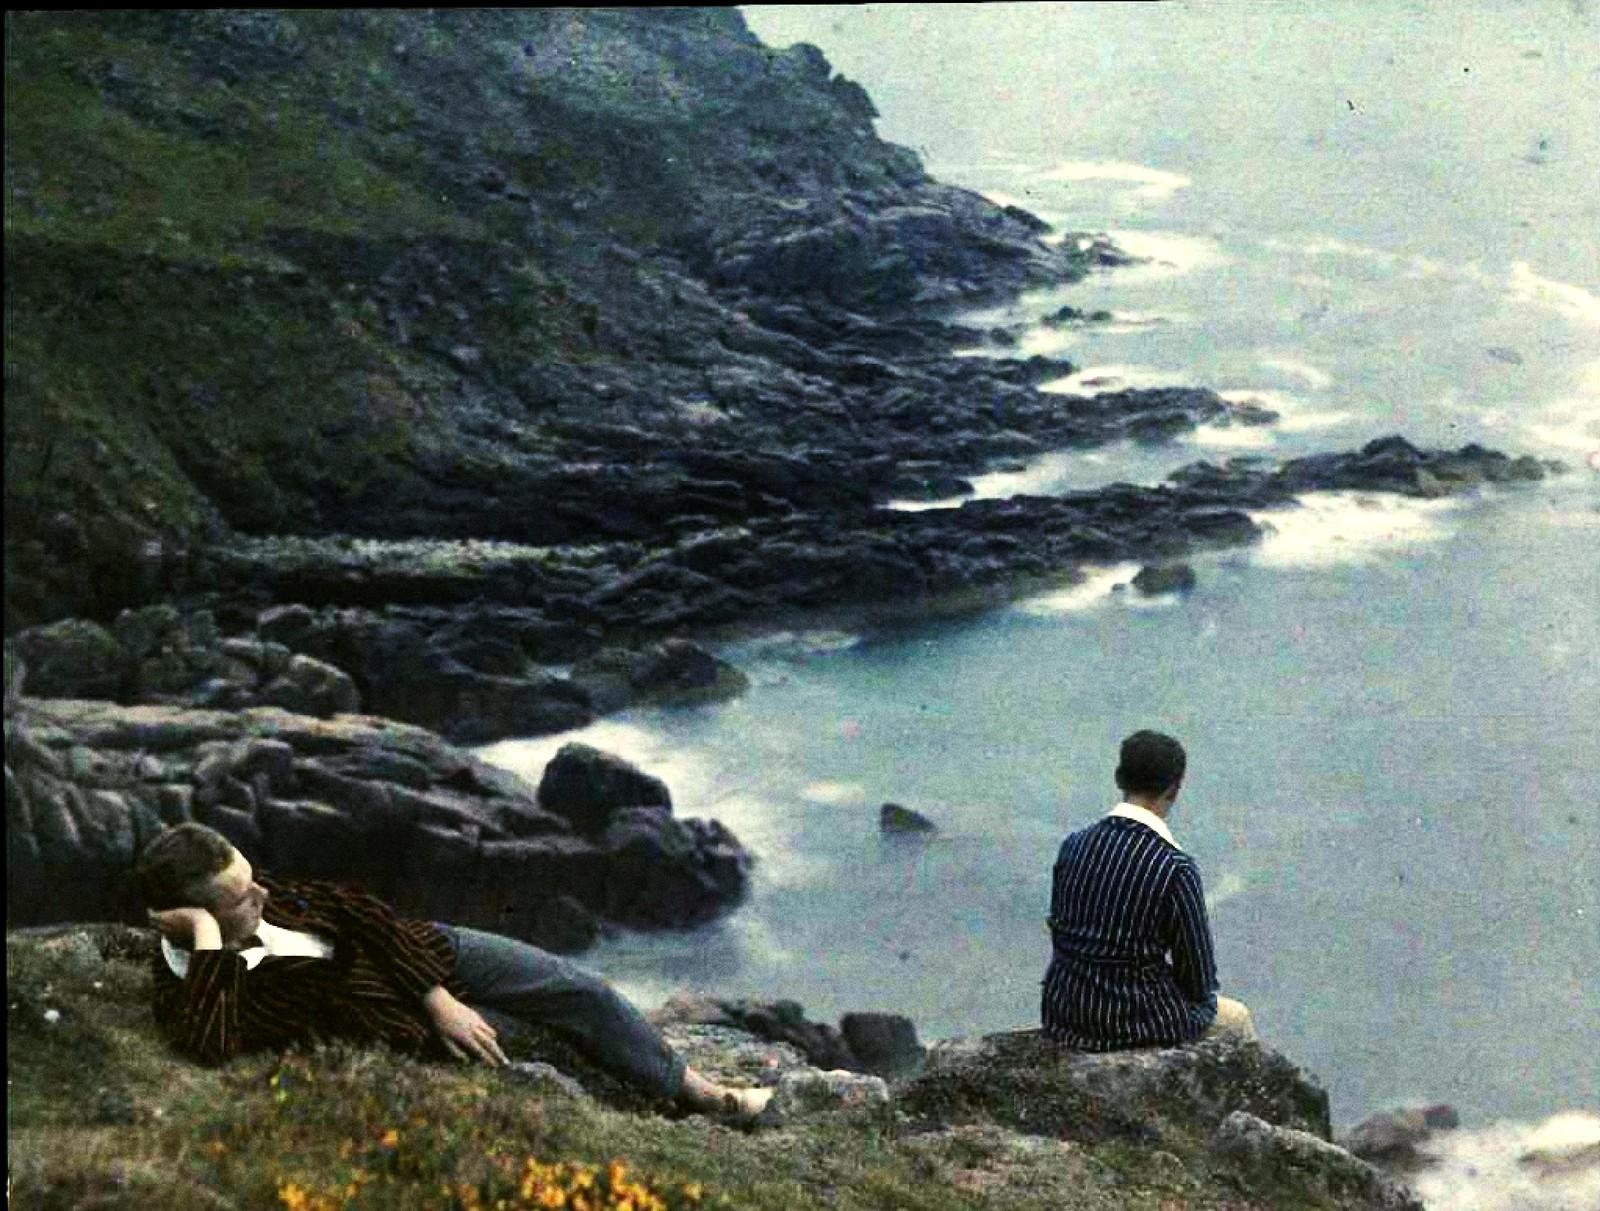 1921. Пьер и Андре Гейн на берегу моря